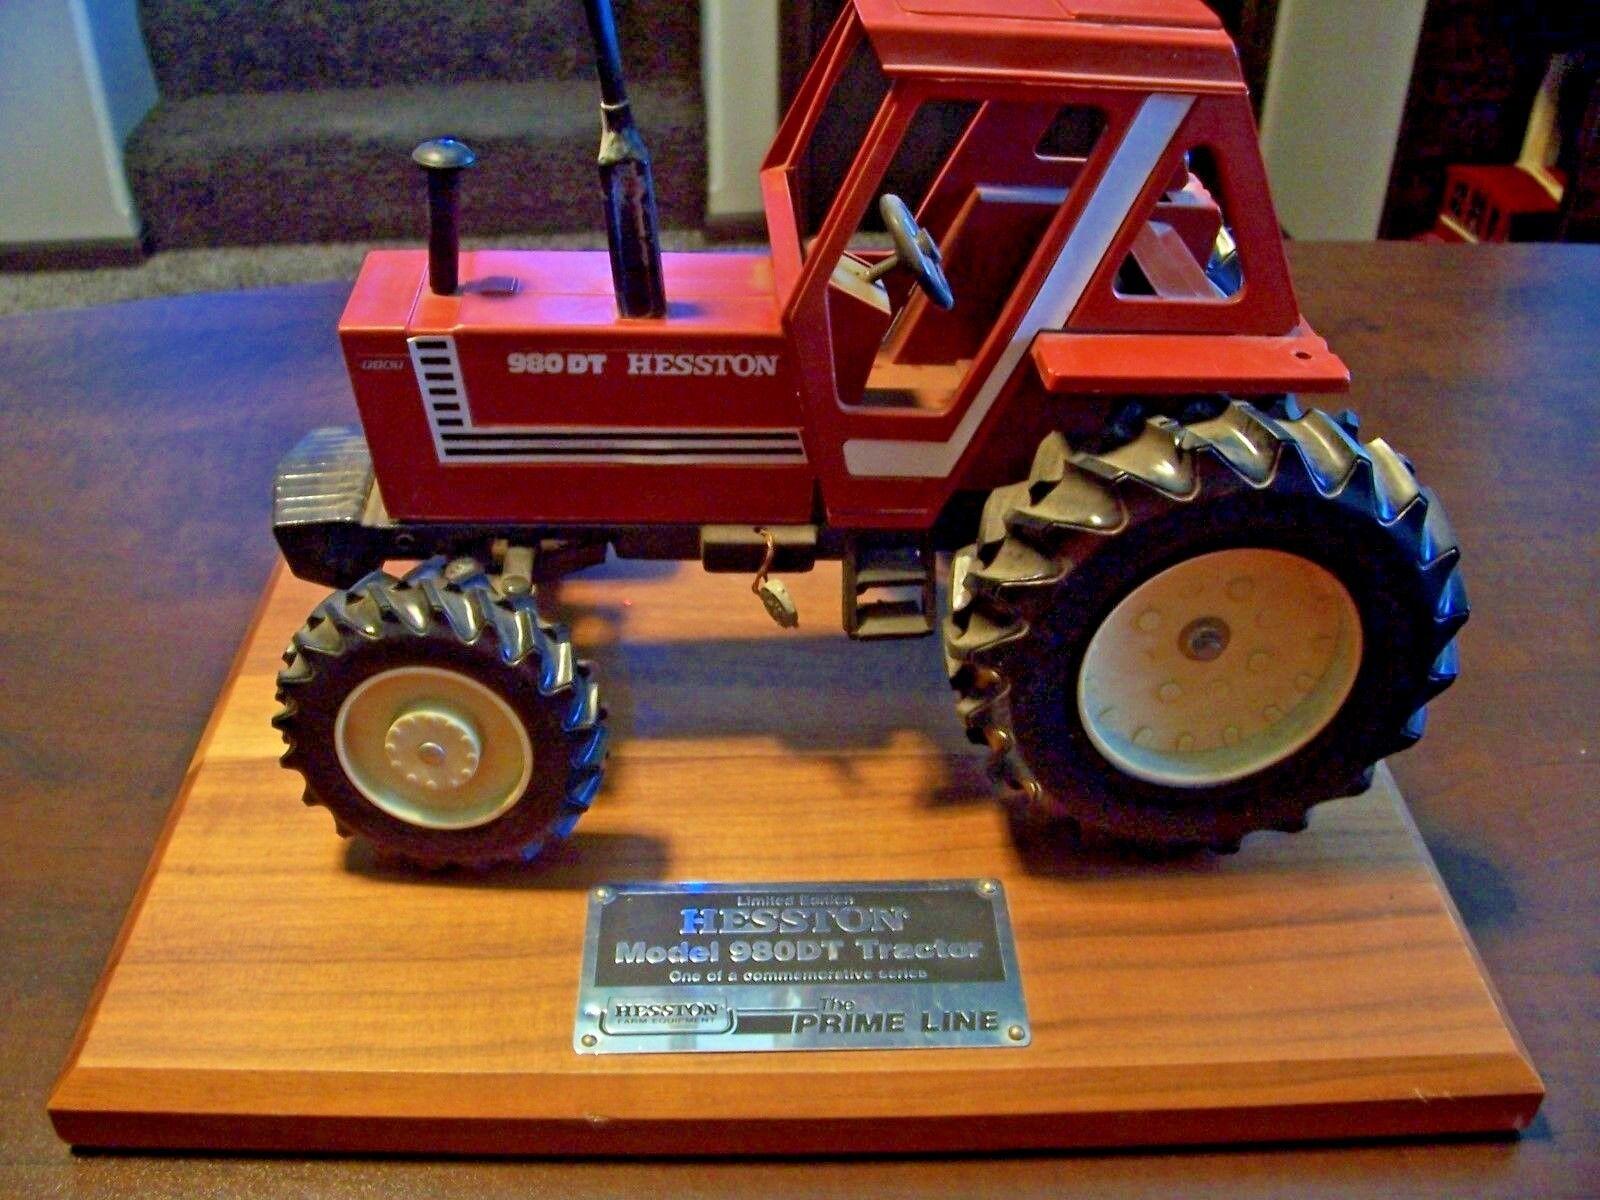 HESSTON FIAT 980DT AFSF Limited Edition Commemorative 1 16 Modèle À L'échelle Tracteur pas de prix de réserve